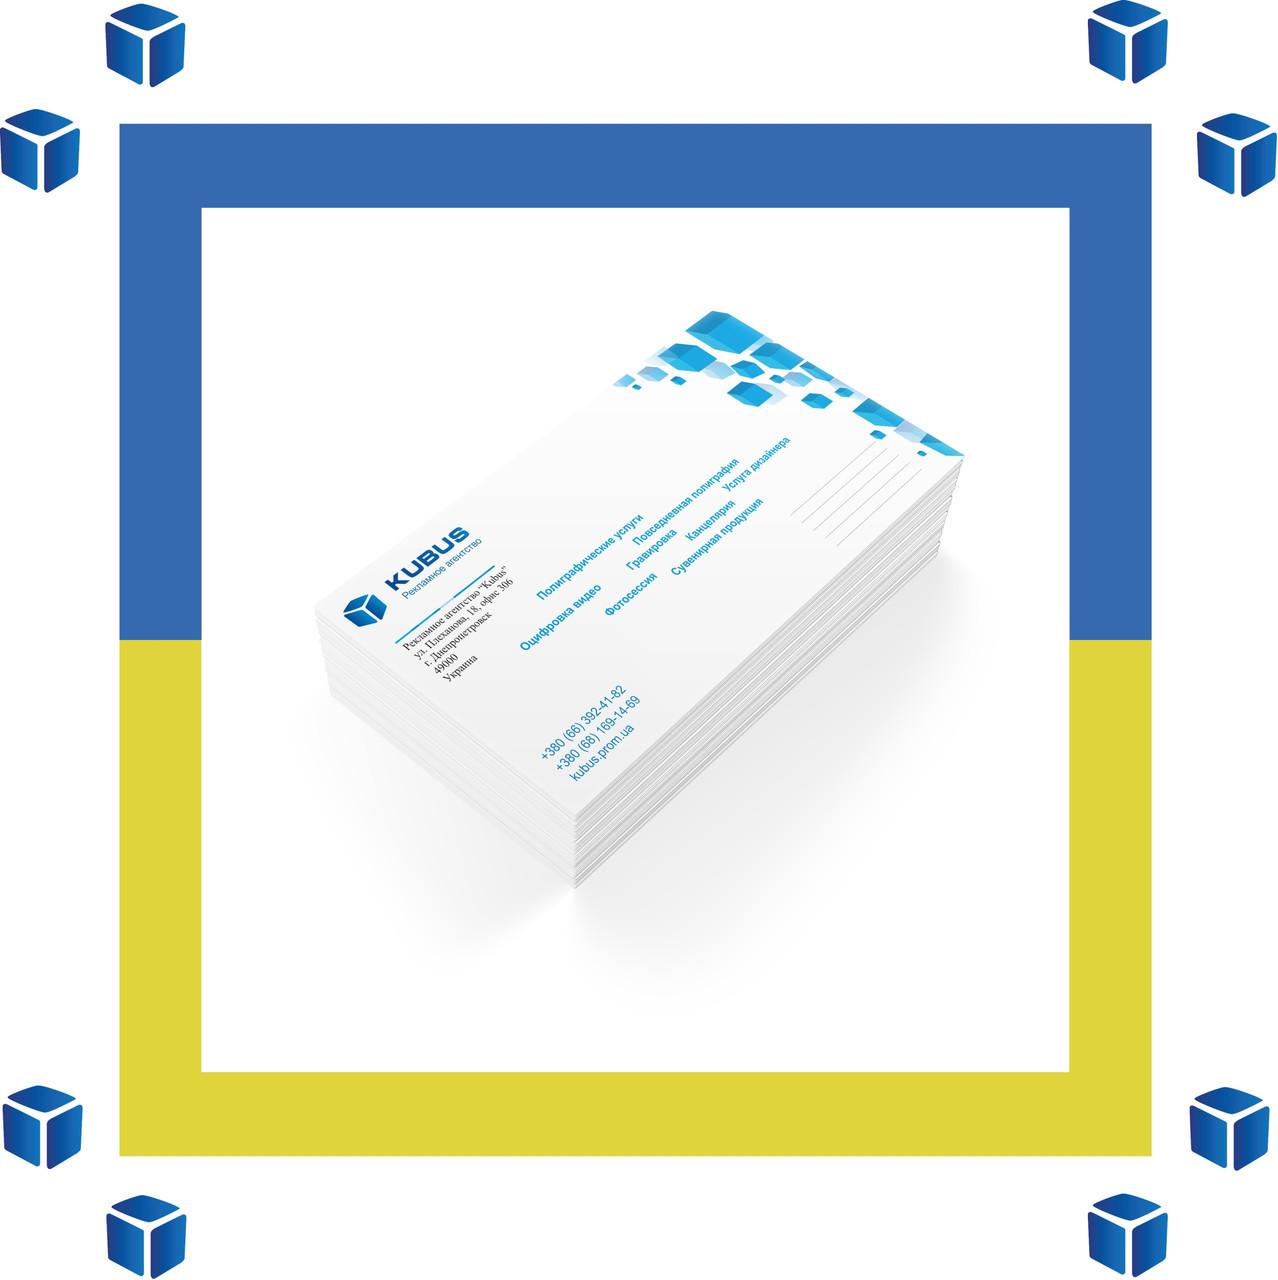 Печать на конвертах формата Е65 4+0 (цветные односторонние)